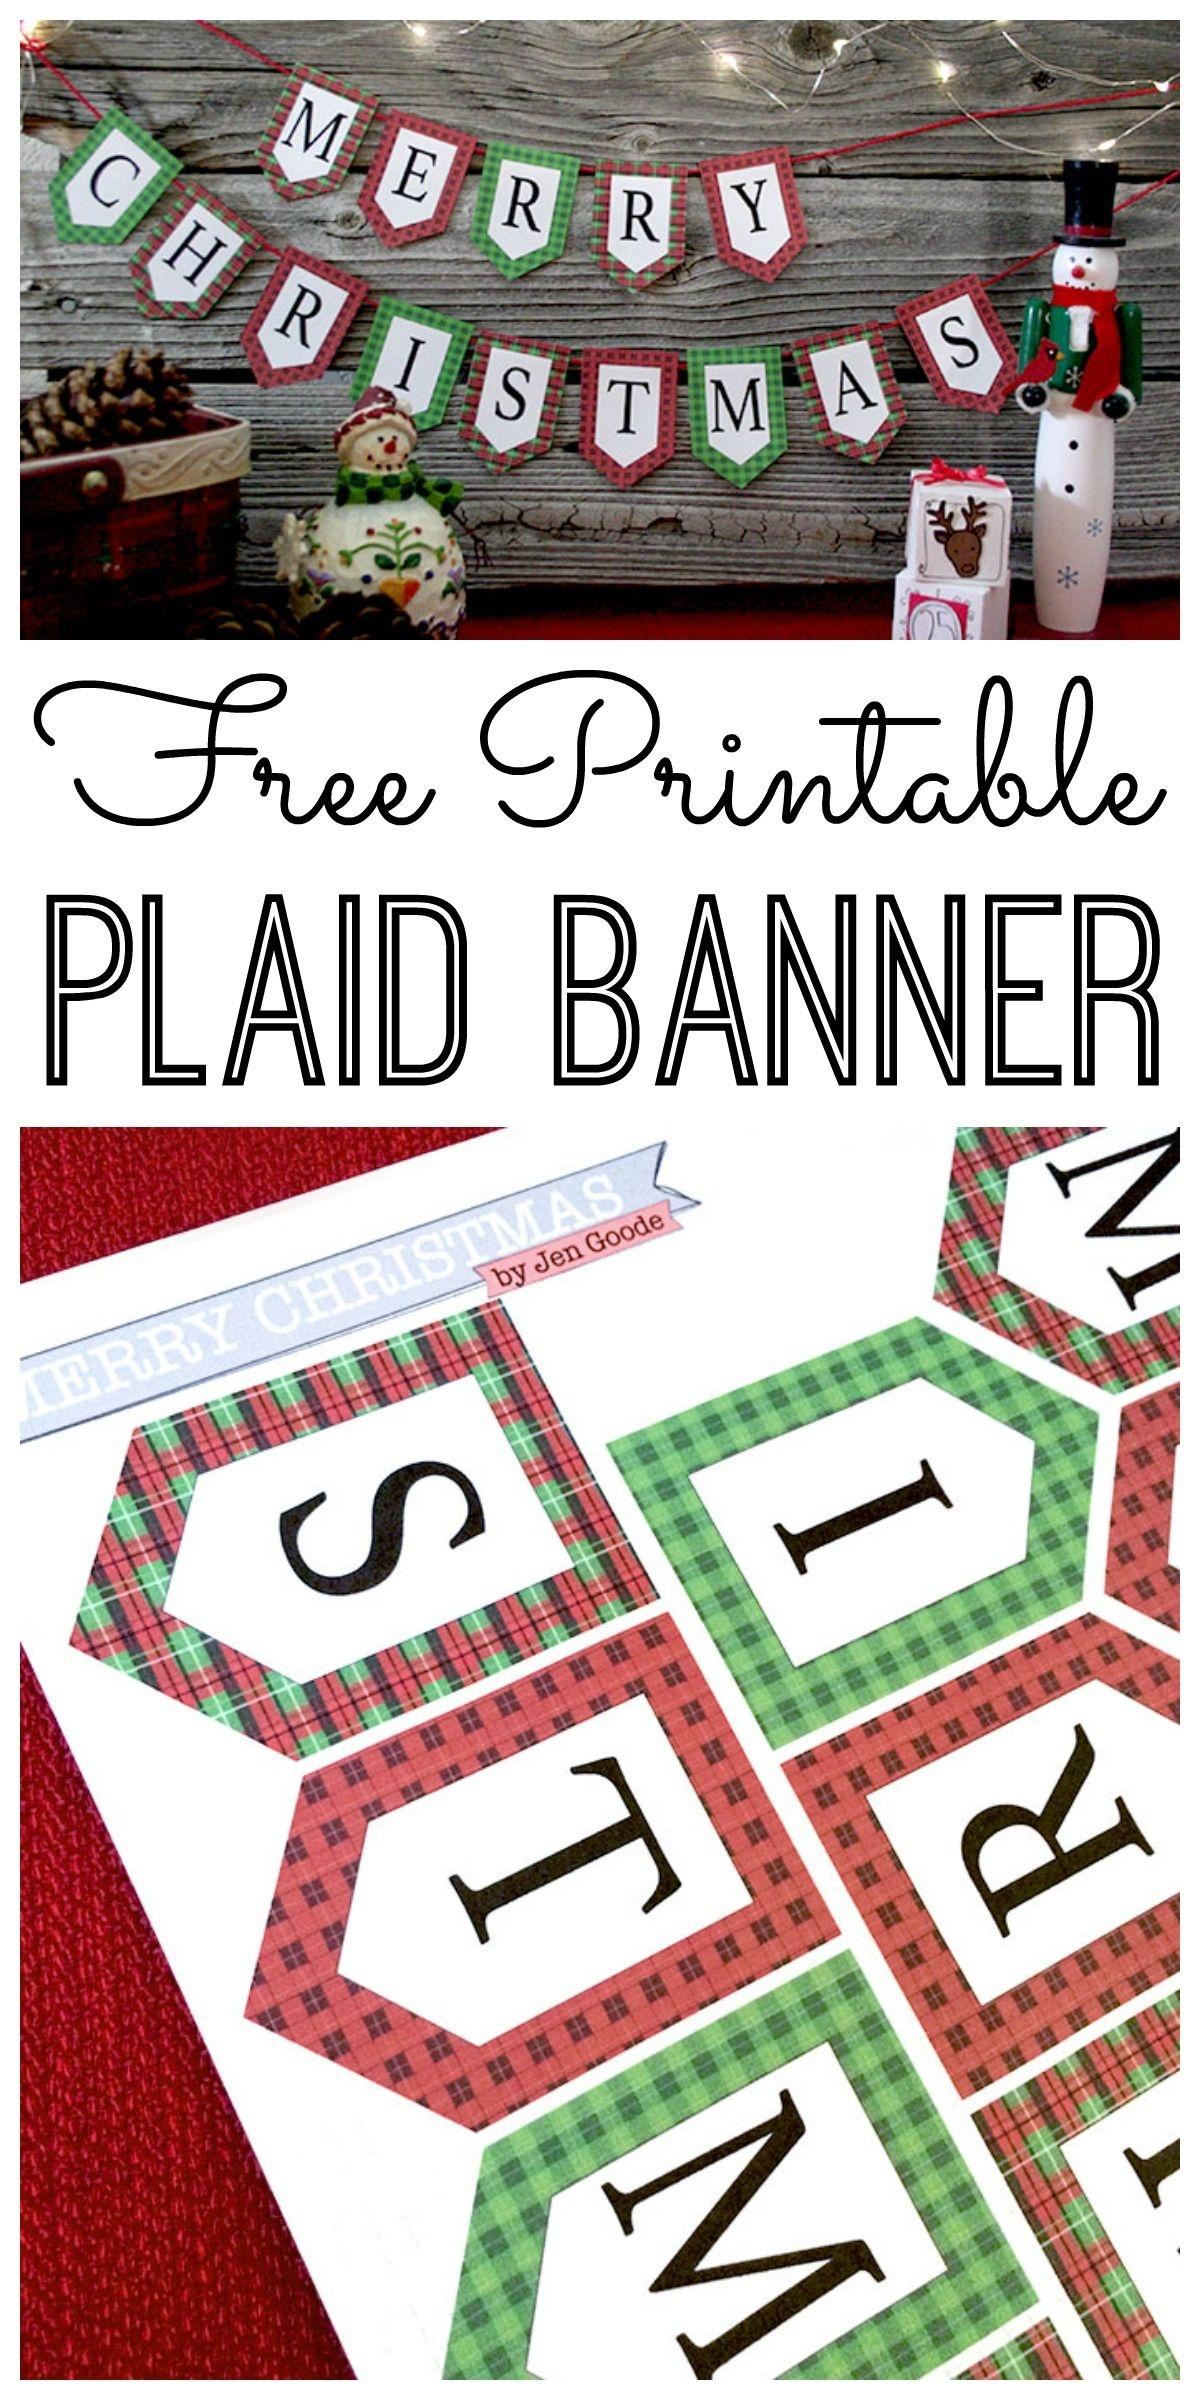 Mini Merry Christmas Banner And Holiday Printables Blog Hop | Cricut - Free Printable Christmas Banner